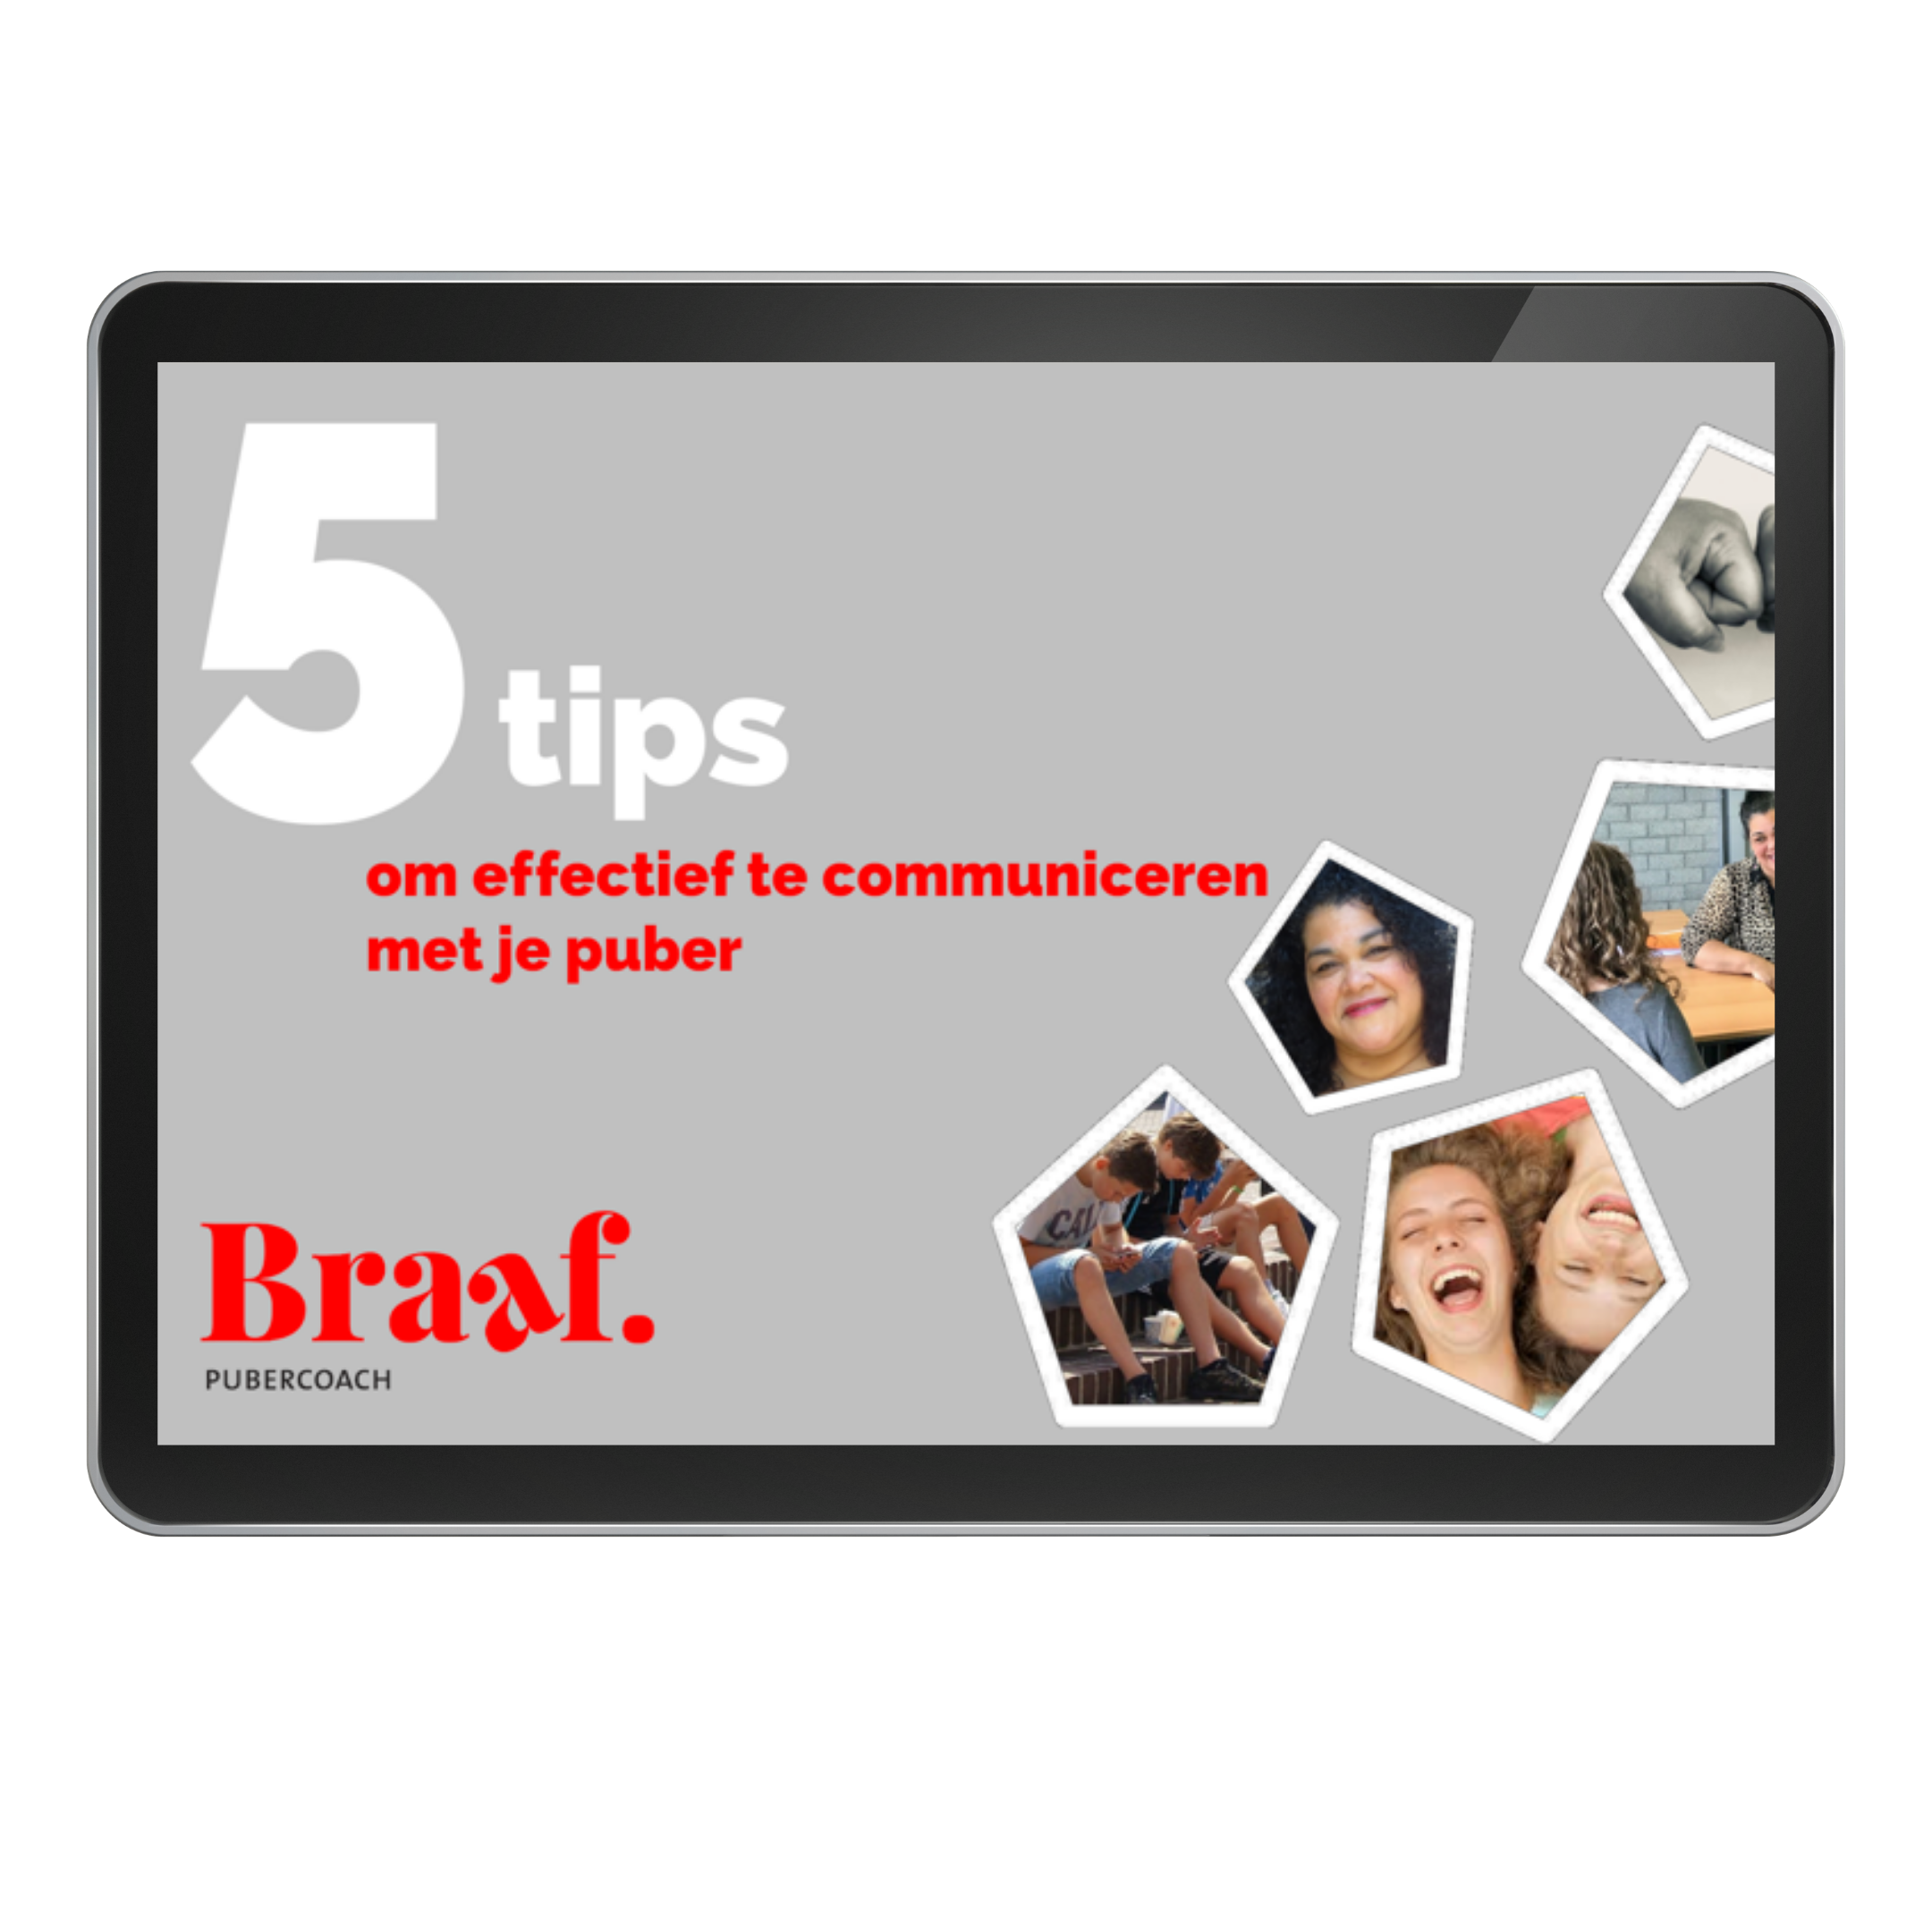 5 tips om effectief te communiceren met je puber